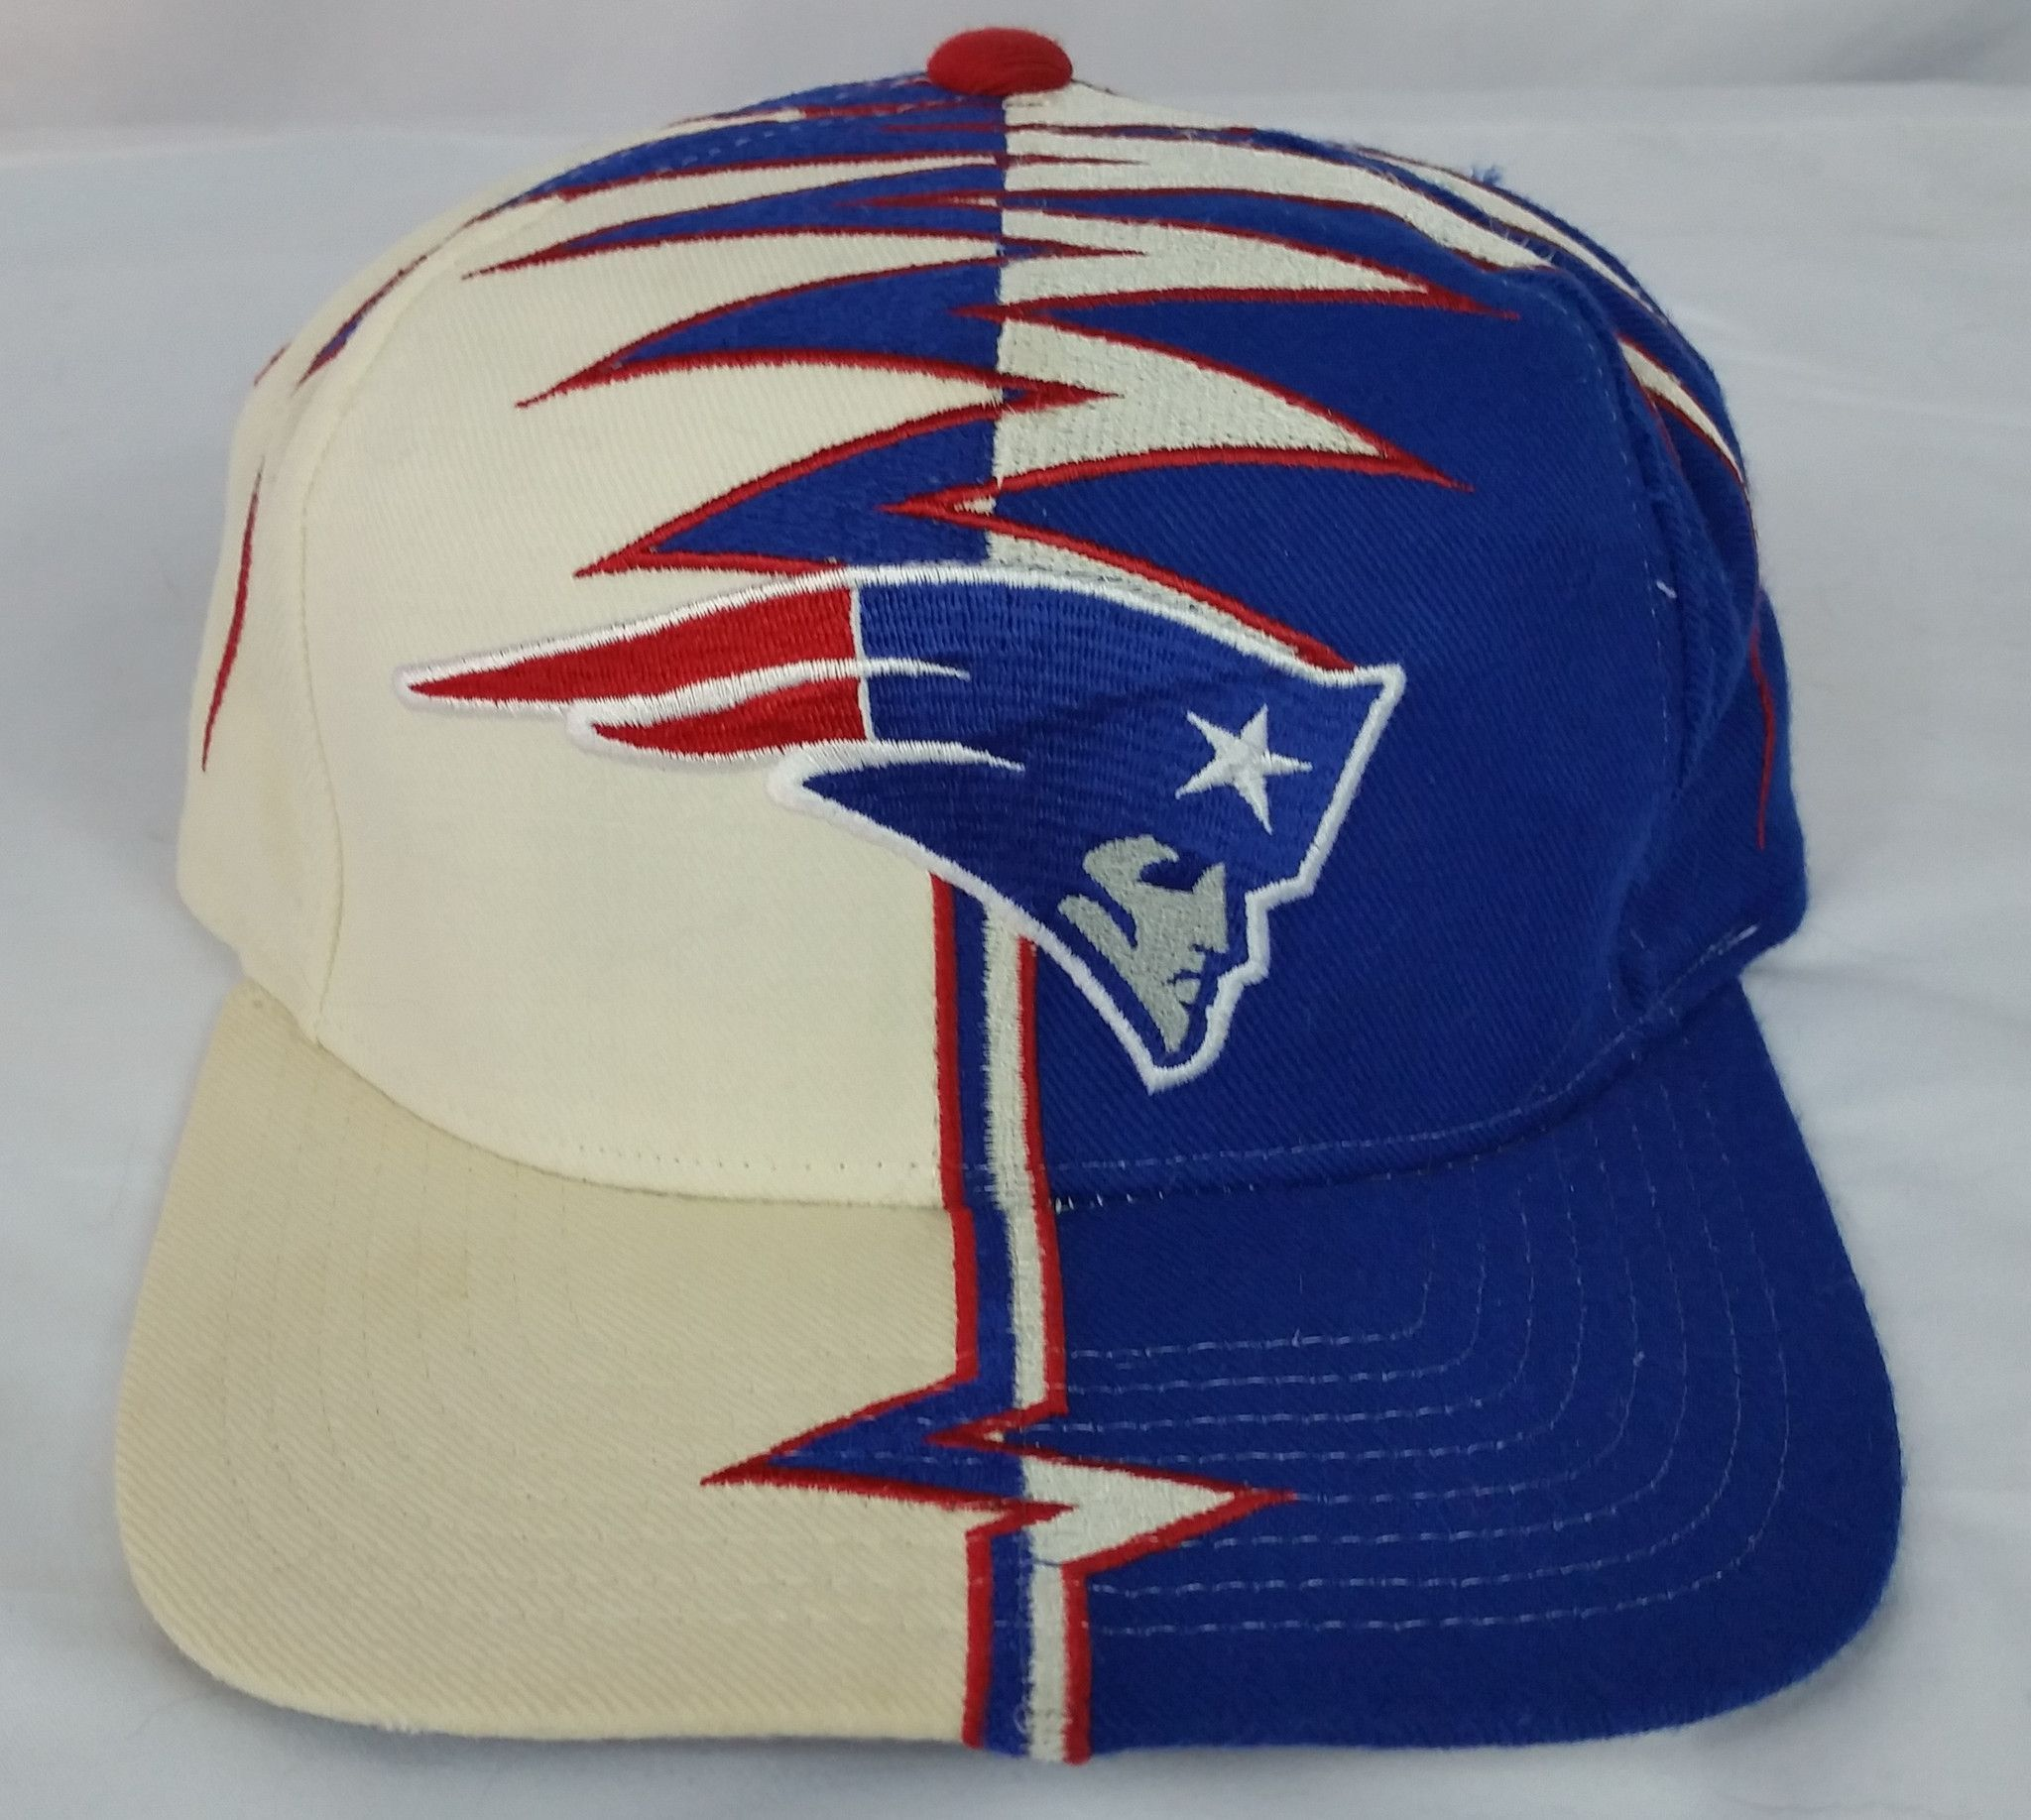 904e1d8ed89f0 New England Patriots Vintage Strapback Starter Shockwave Hat NFL Snapback  Rare